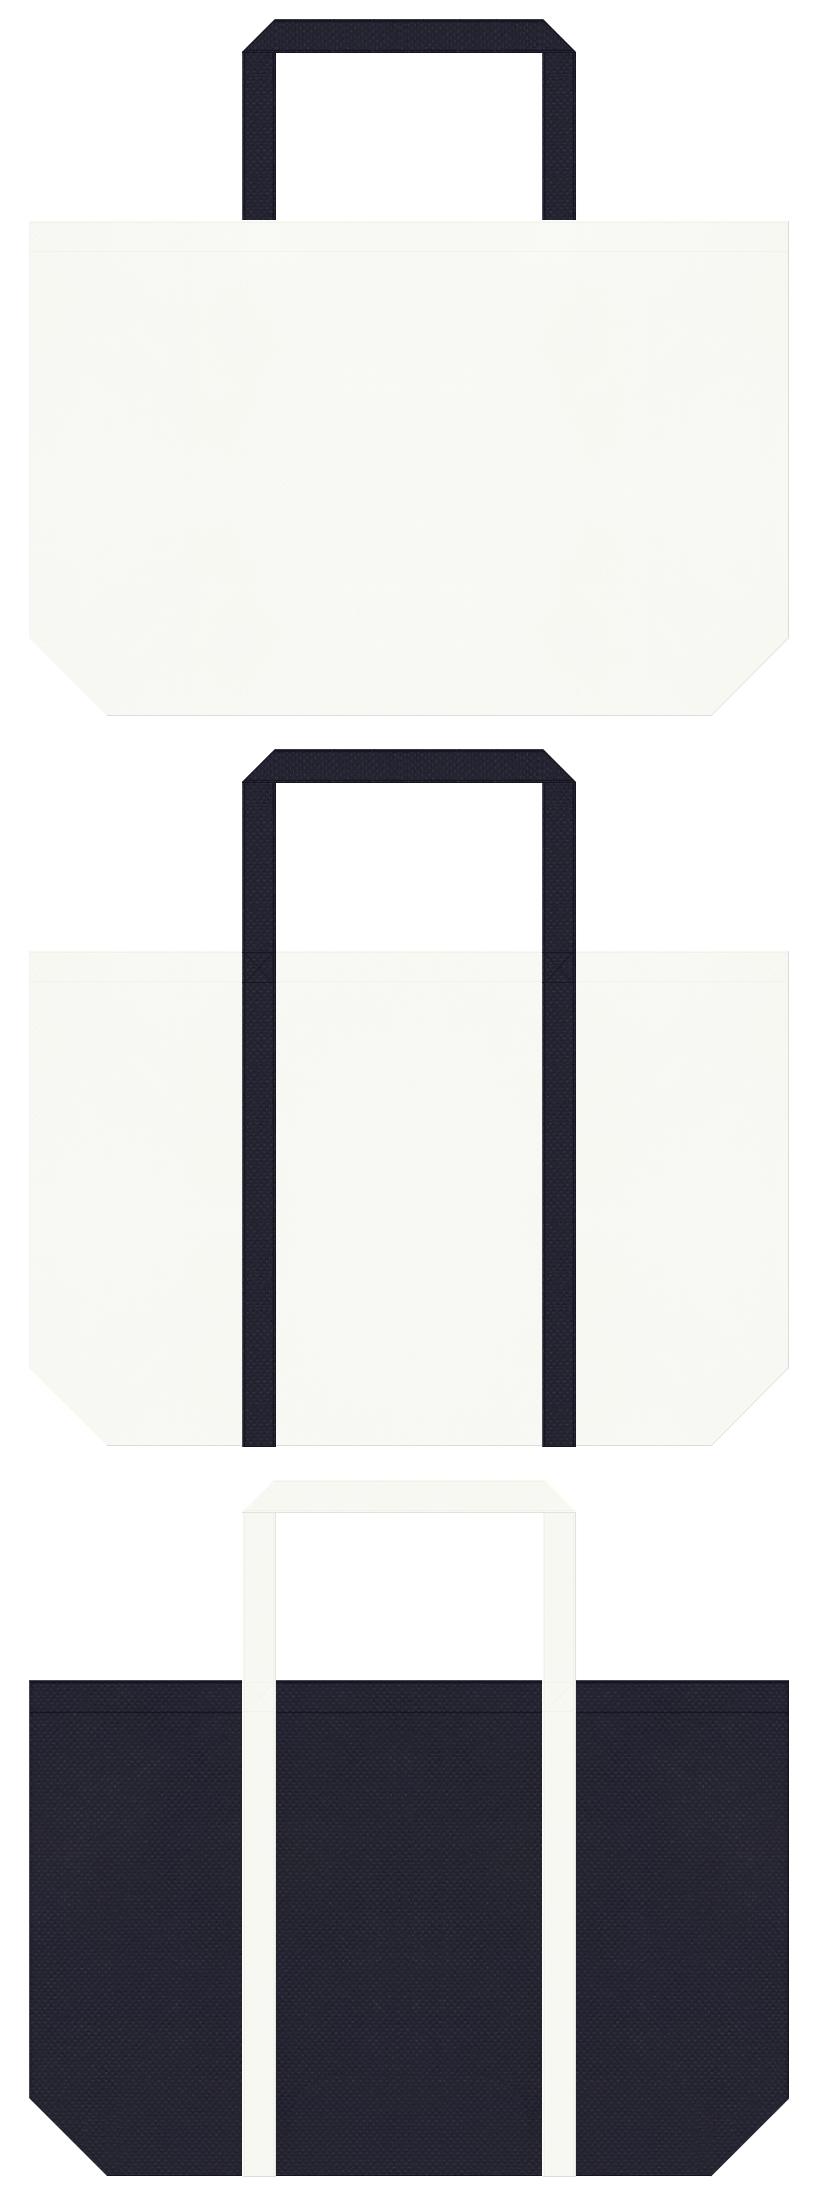 学校・オープンキャンパス・学習塾・レッスンバッグ・天体観測・プラネタリウム・野外コンサート・星空・天文・水産・海運・船舶・潜水艦・港湾・マリンルック・クルージング・ヨット・ボート・マリンスポーツにお奨めの不織布バッグデザイン:オフホワイト色と濃緑色のコーデ